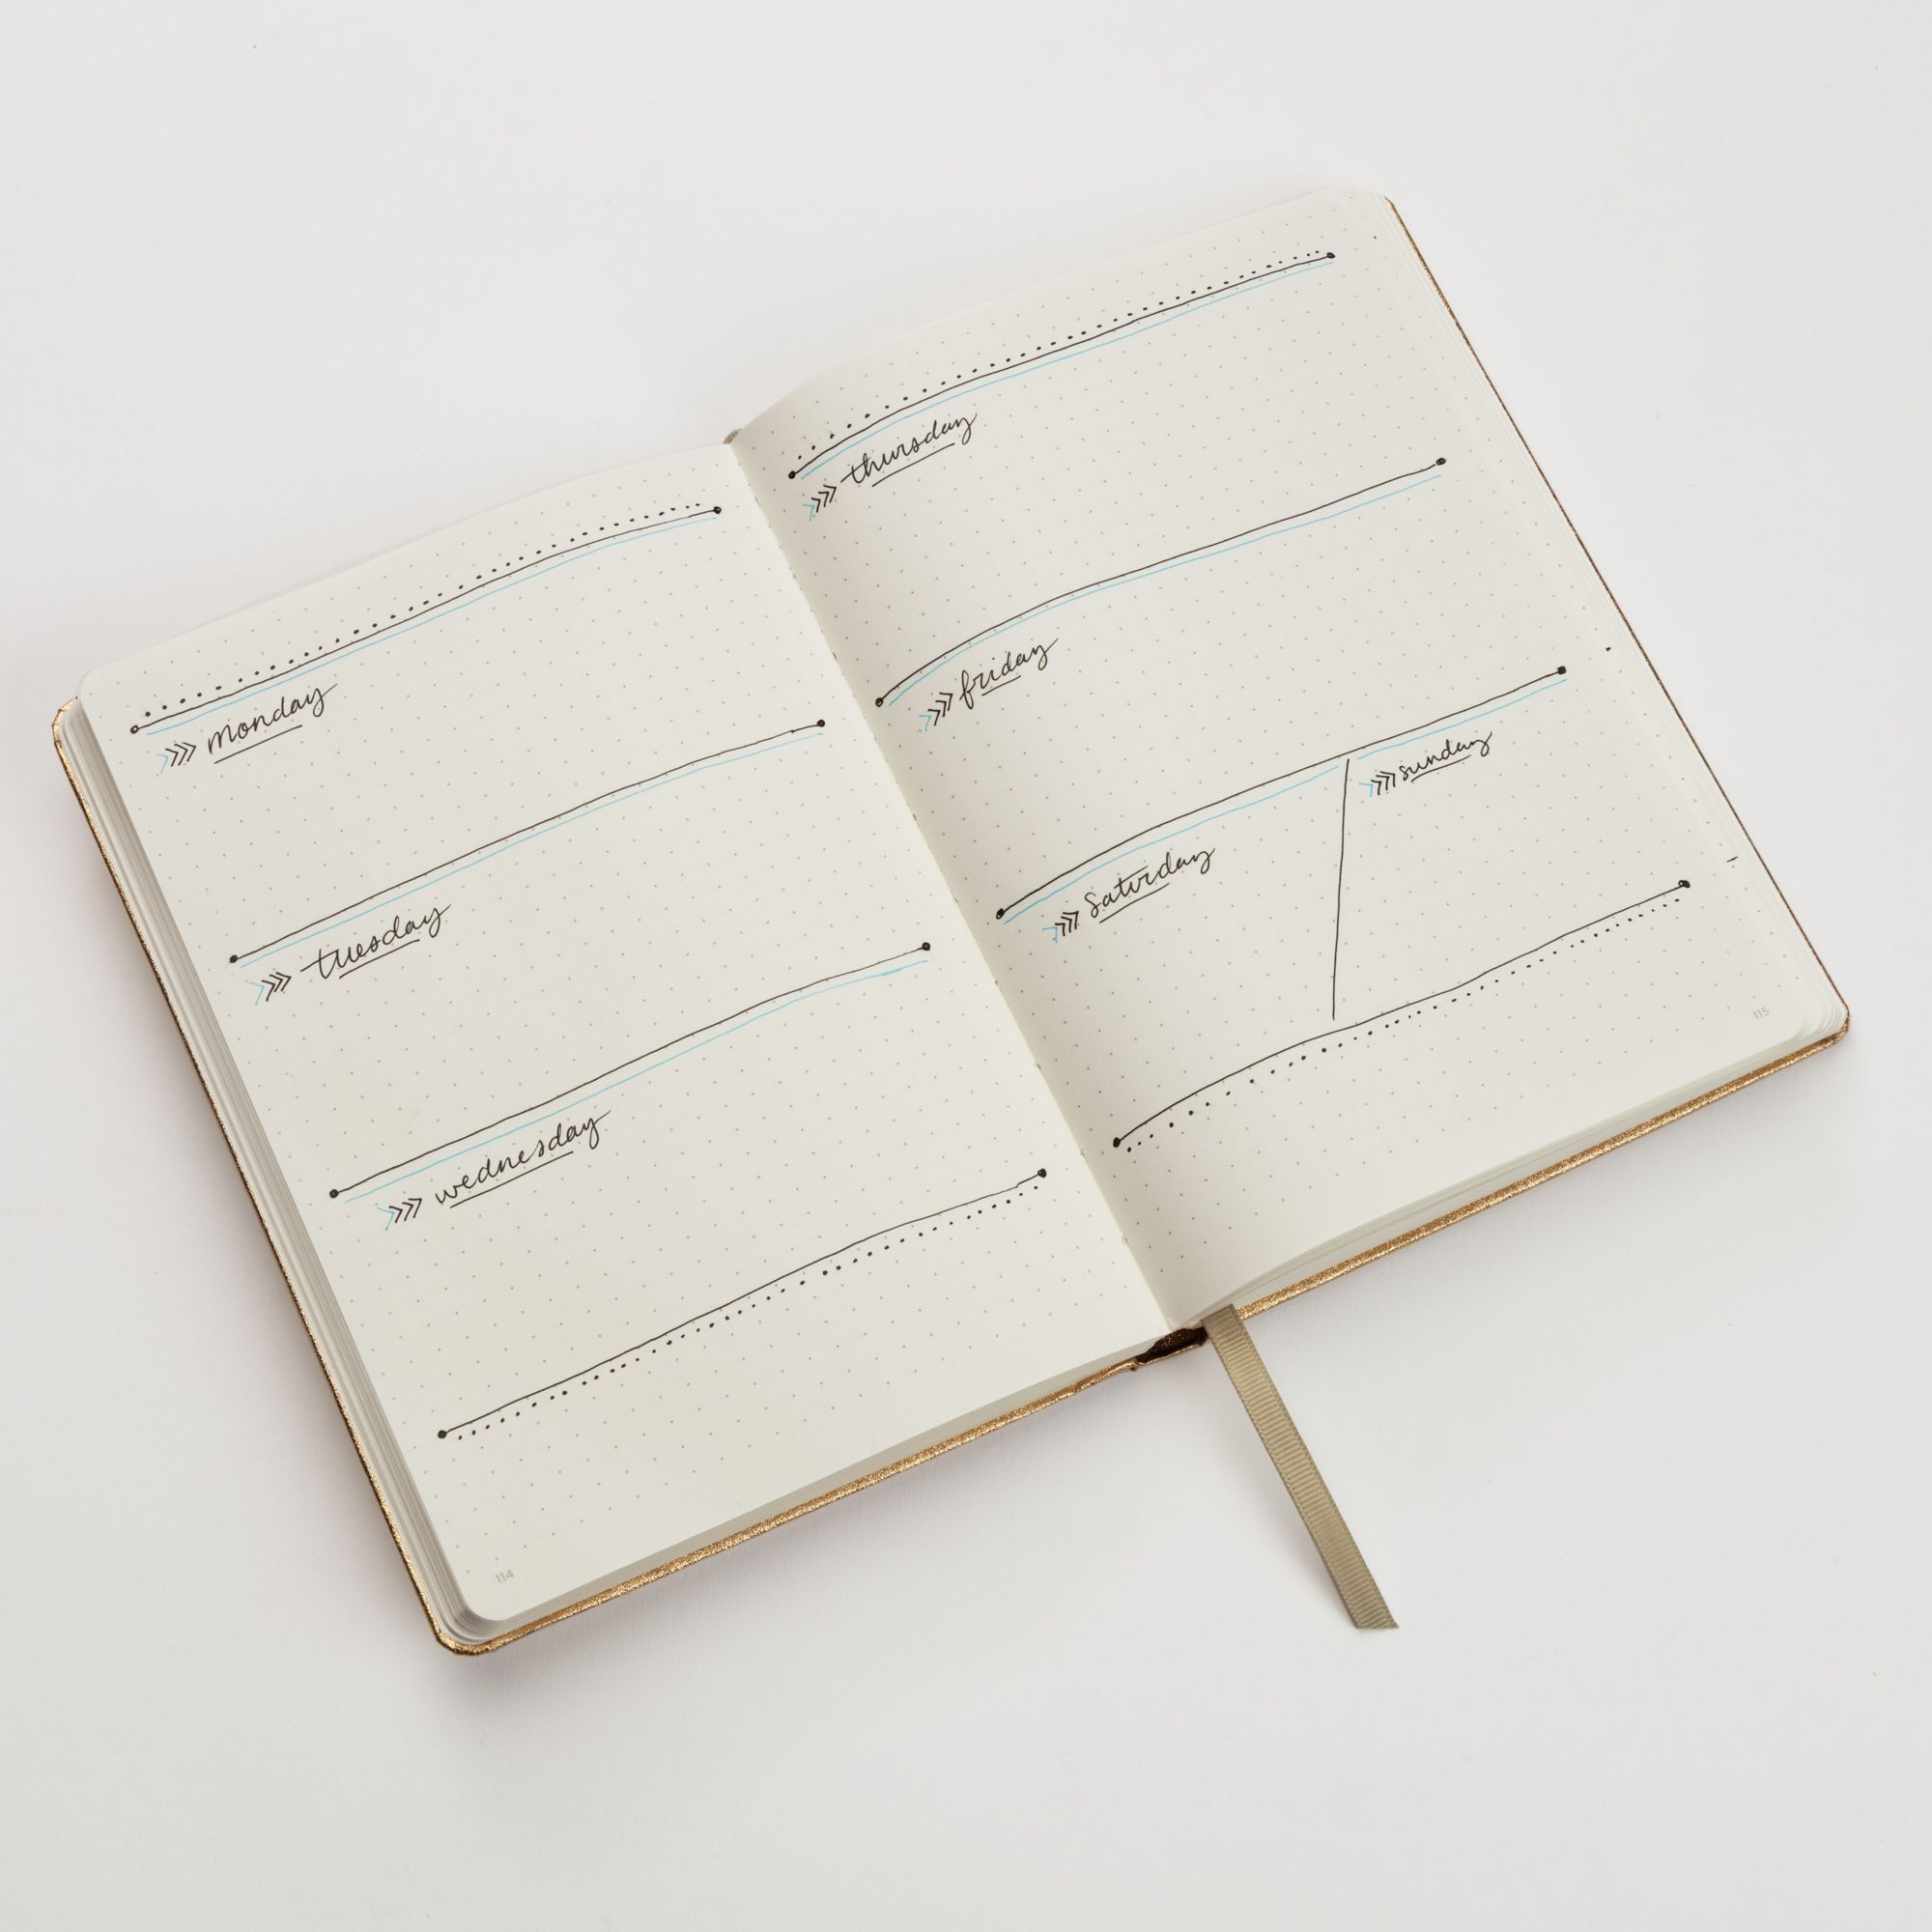 Dot Journal (Gold) by Potter Gift: 9781984825582 | PenguinRandomHouse.com: Books